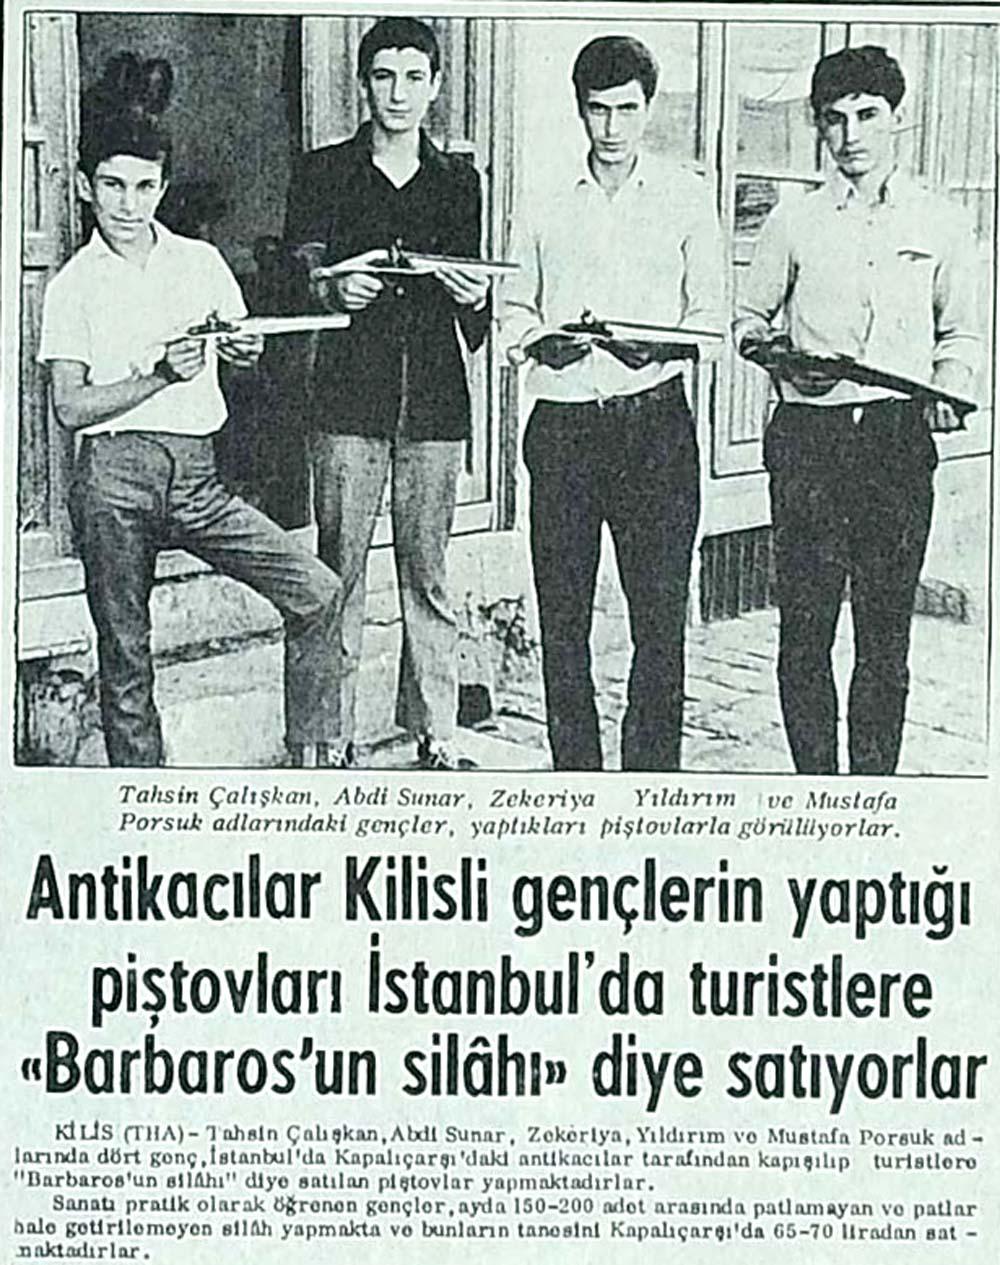 Antikacılar piştovları İstanbul'da turistlere ''Barbaros'un silahı'' diye satıyorlar